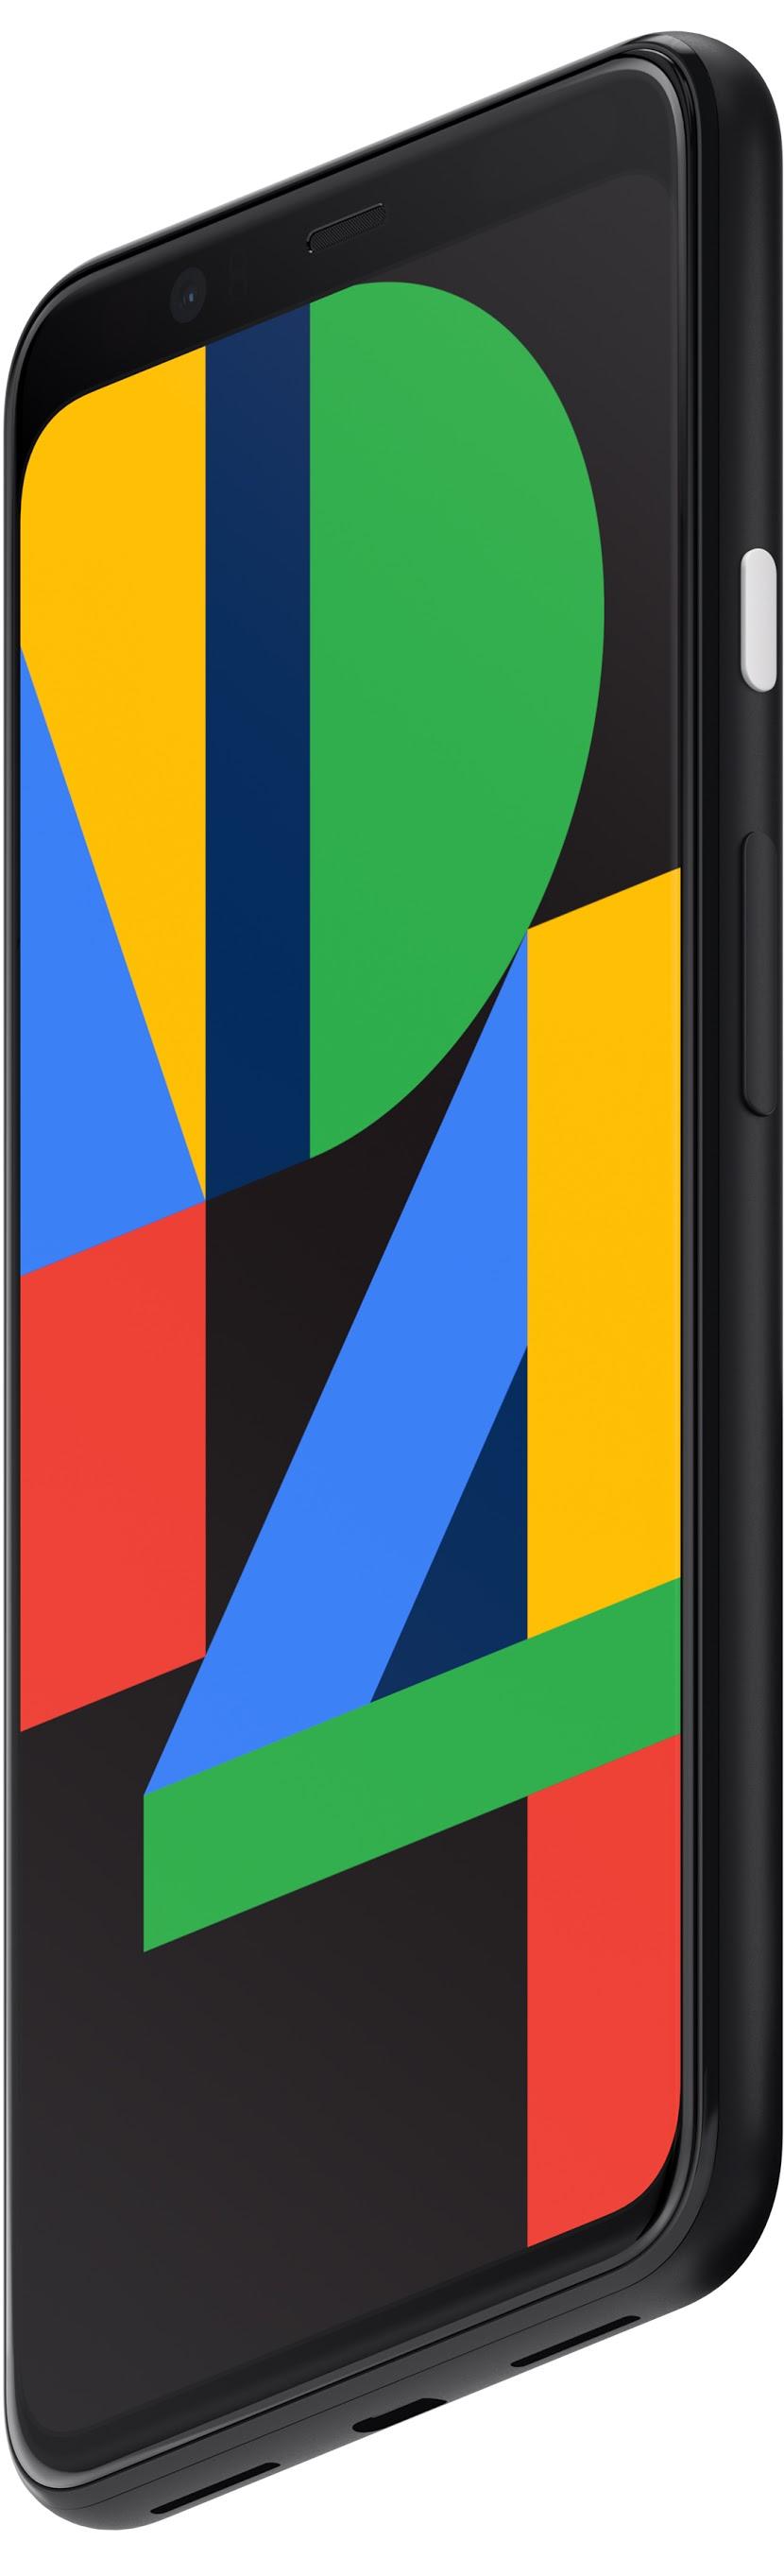 بررسی گوشی هوشمند گوگل مدل Pixel 4